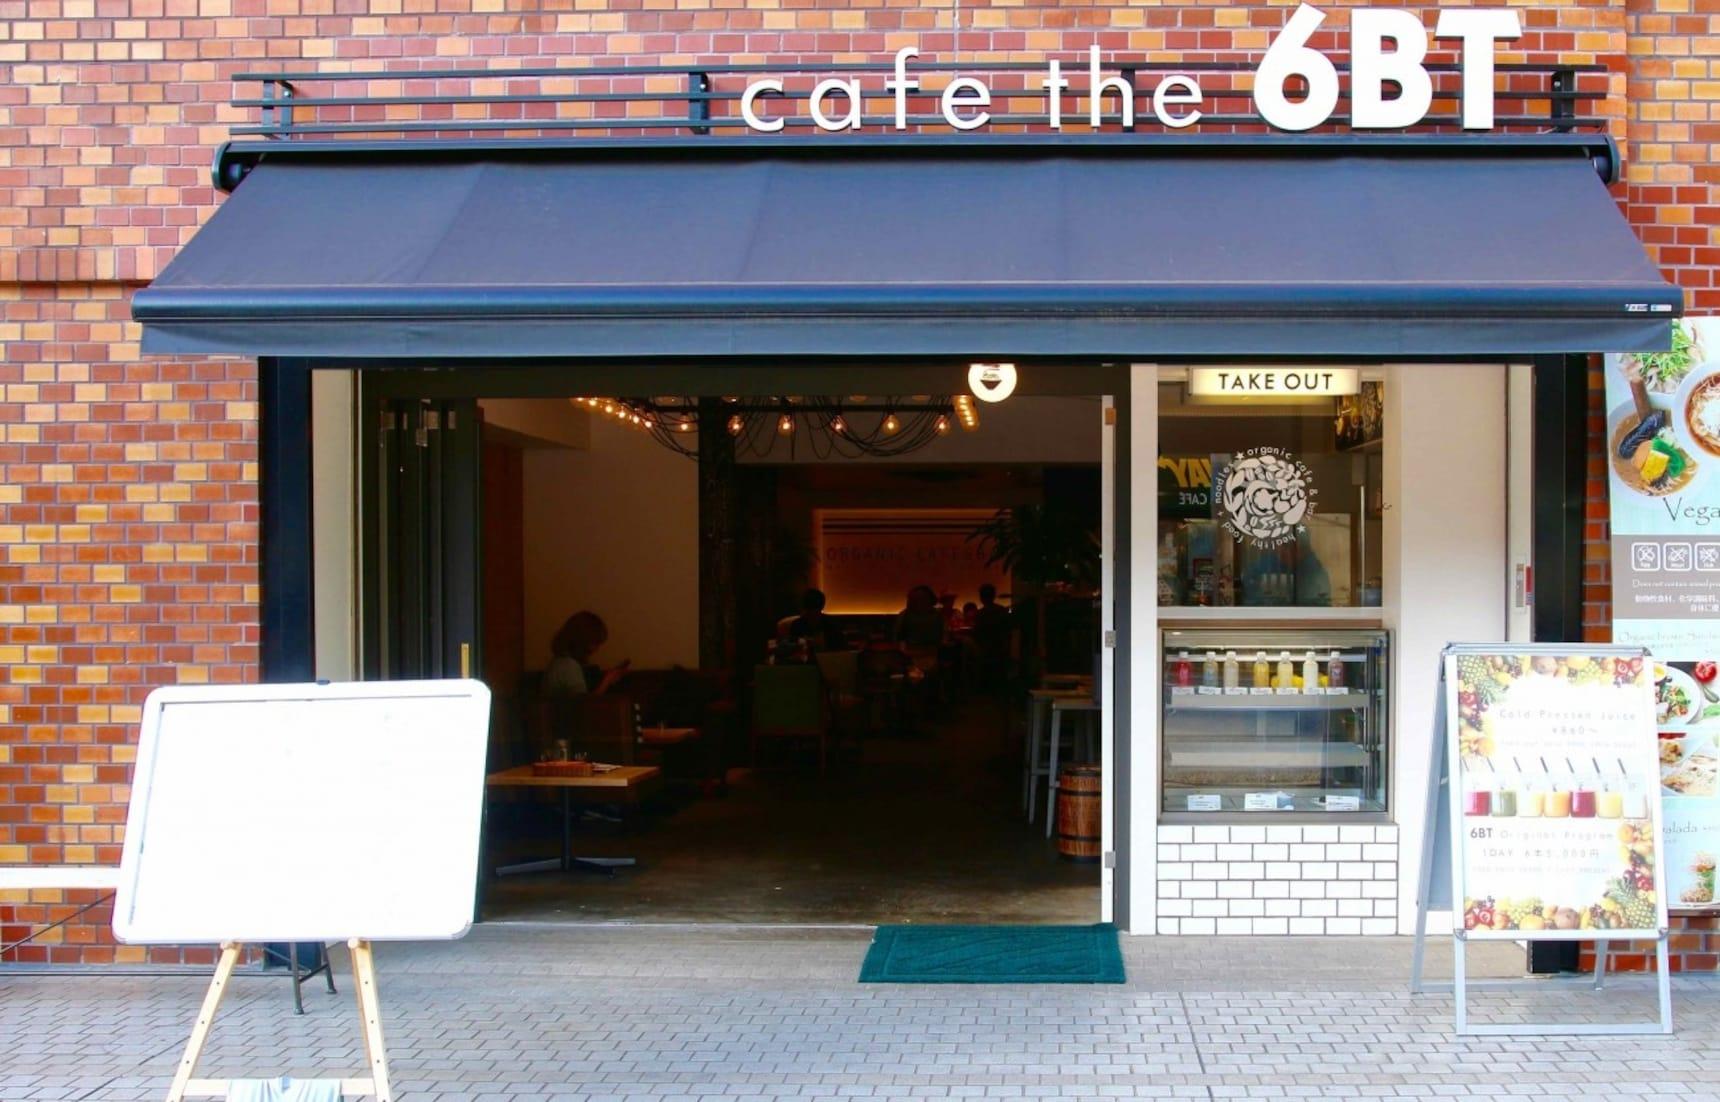 롯폰기 비건 요리점 「Cafe the 6BT」